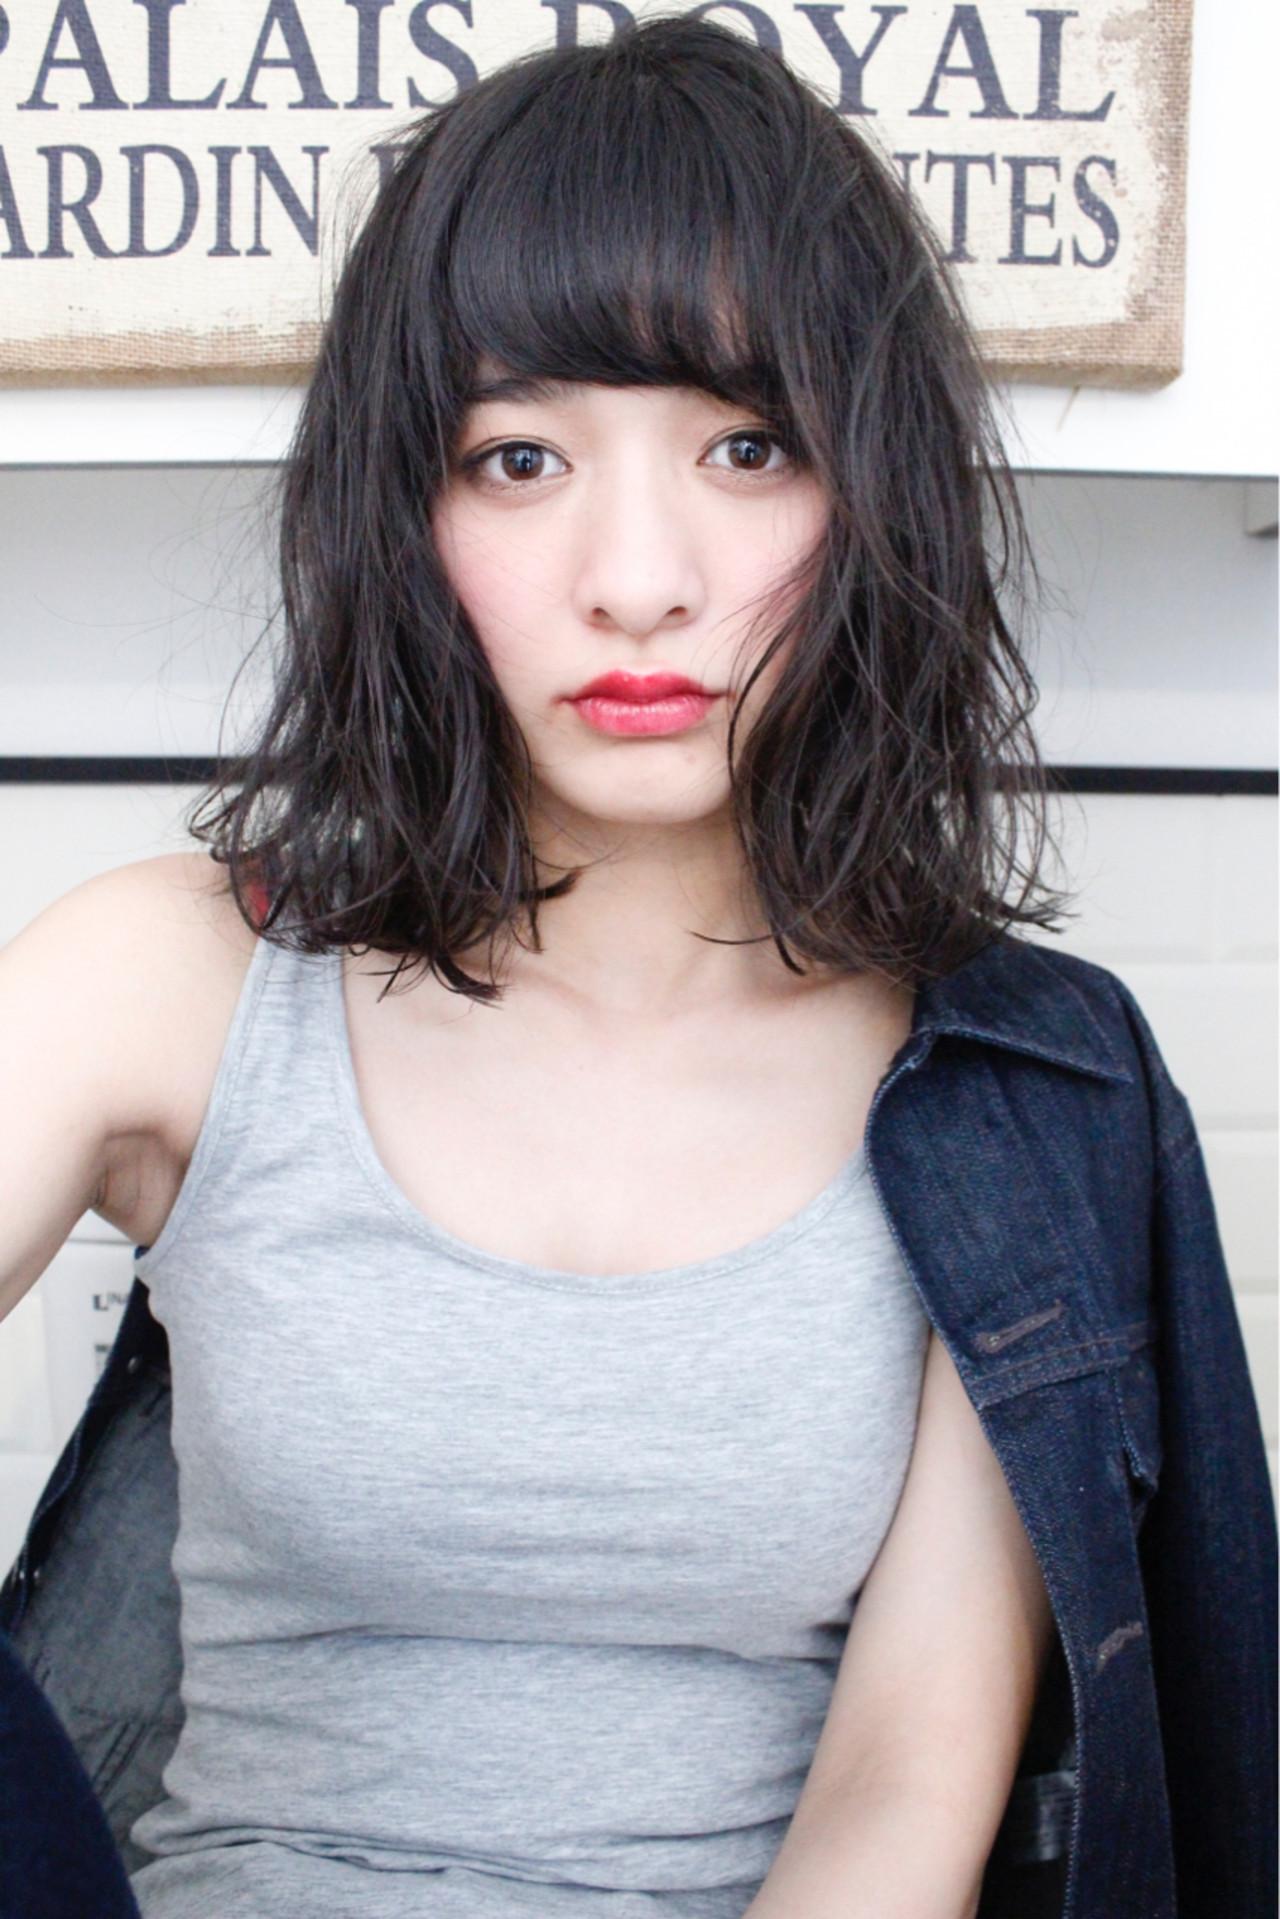 黒髪美人スタイルで今年の春夏を迎えよう♡しなやかな黒髪ヘアカタログ 上田智久 LaRica